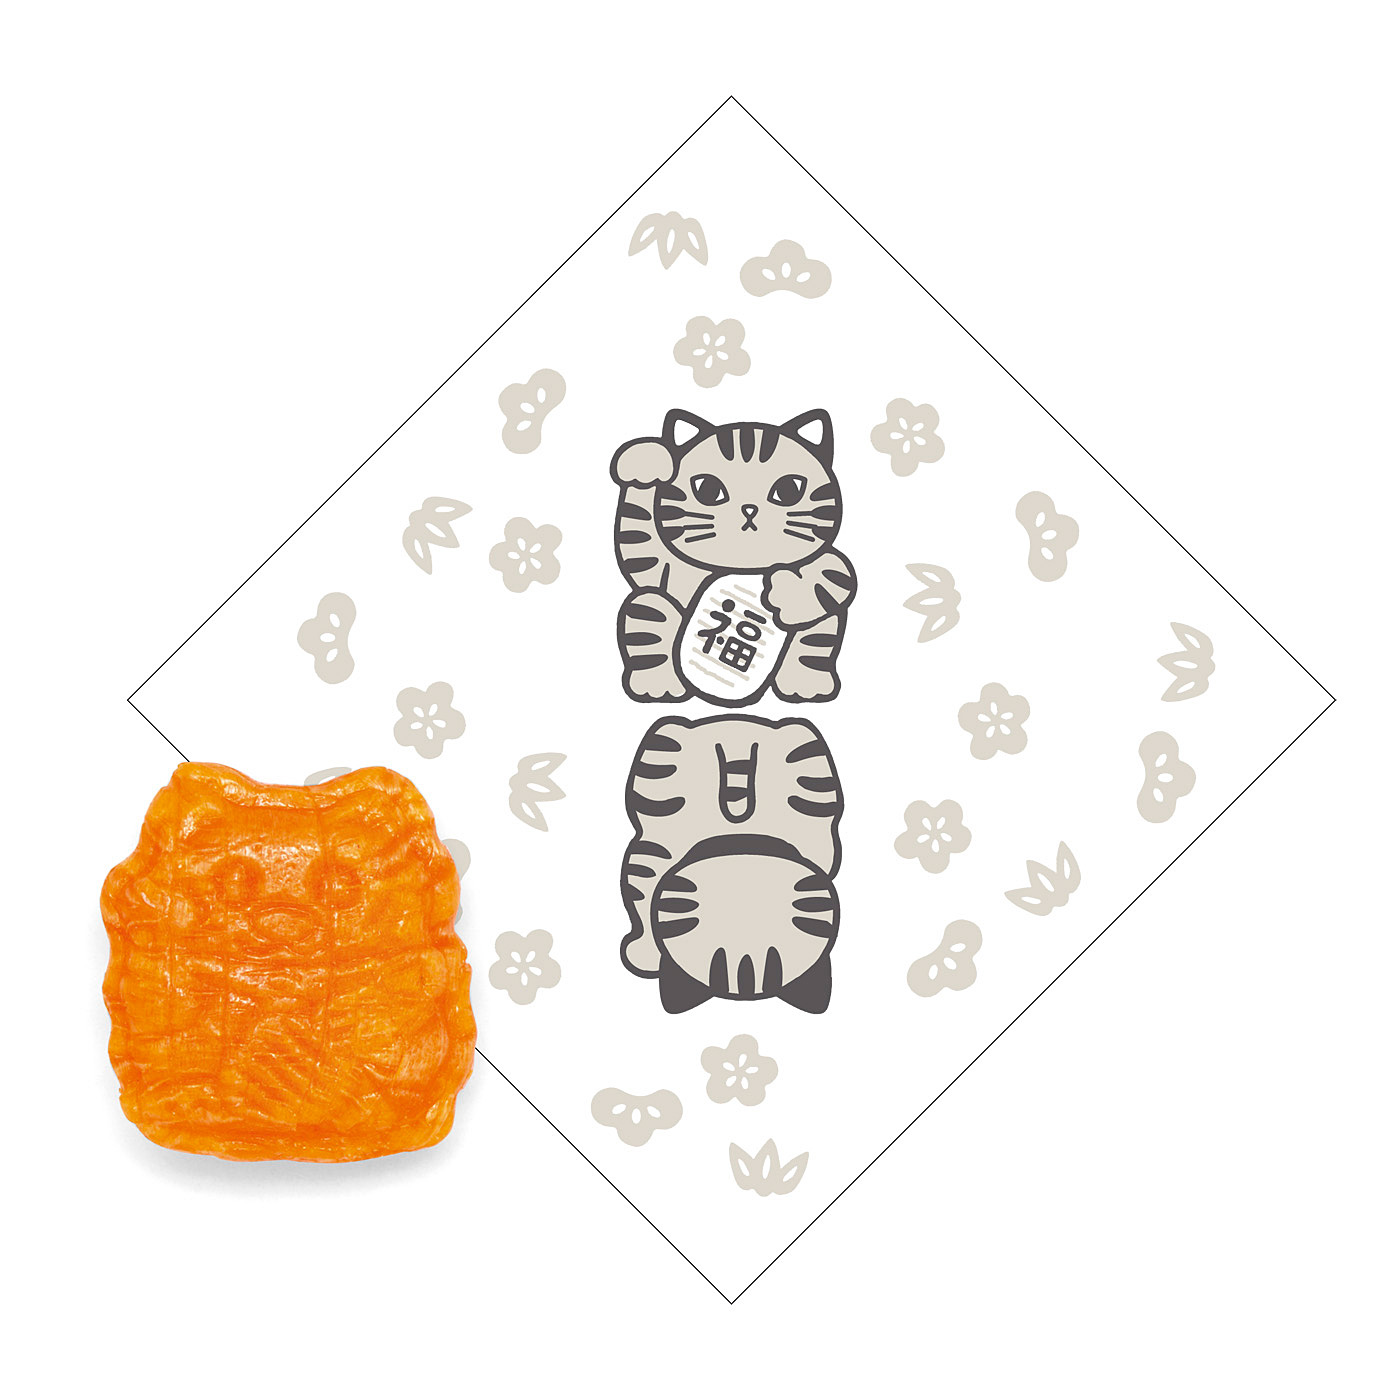 「松竹梅」・オレンジ味